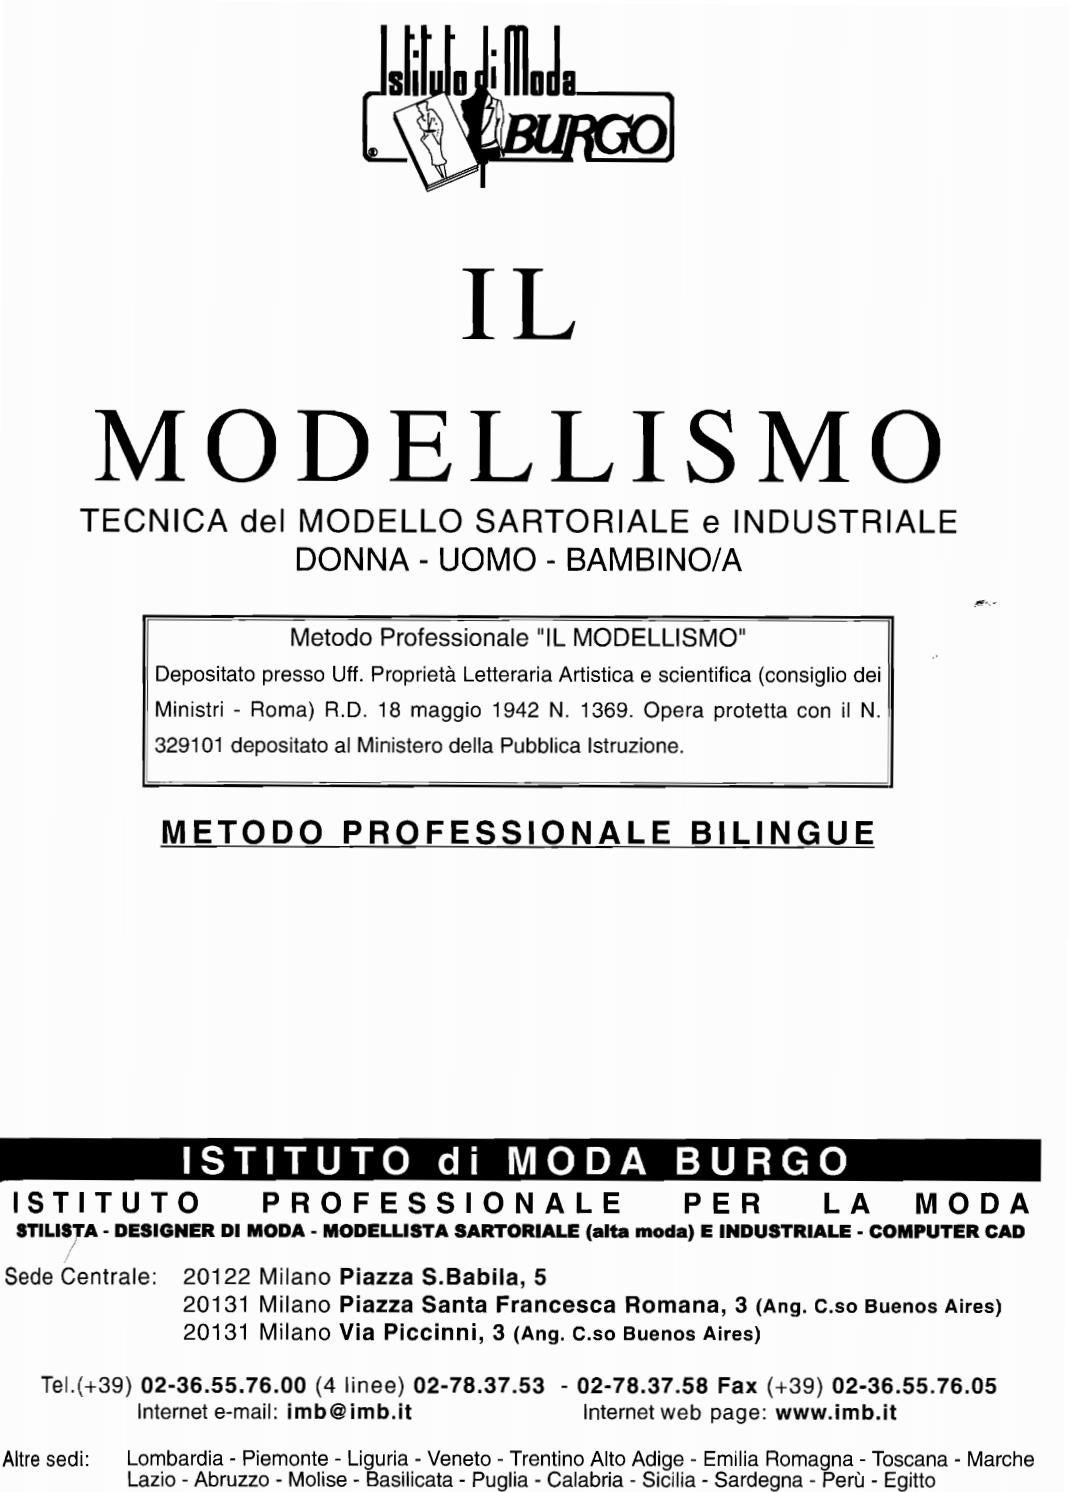 il modellismo sartoriale burgo pdf